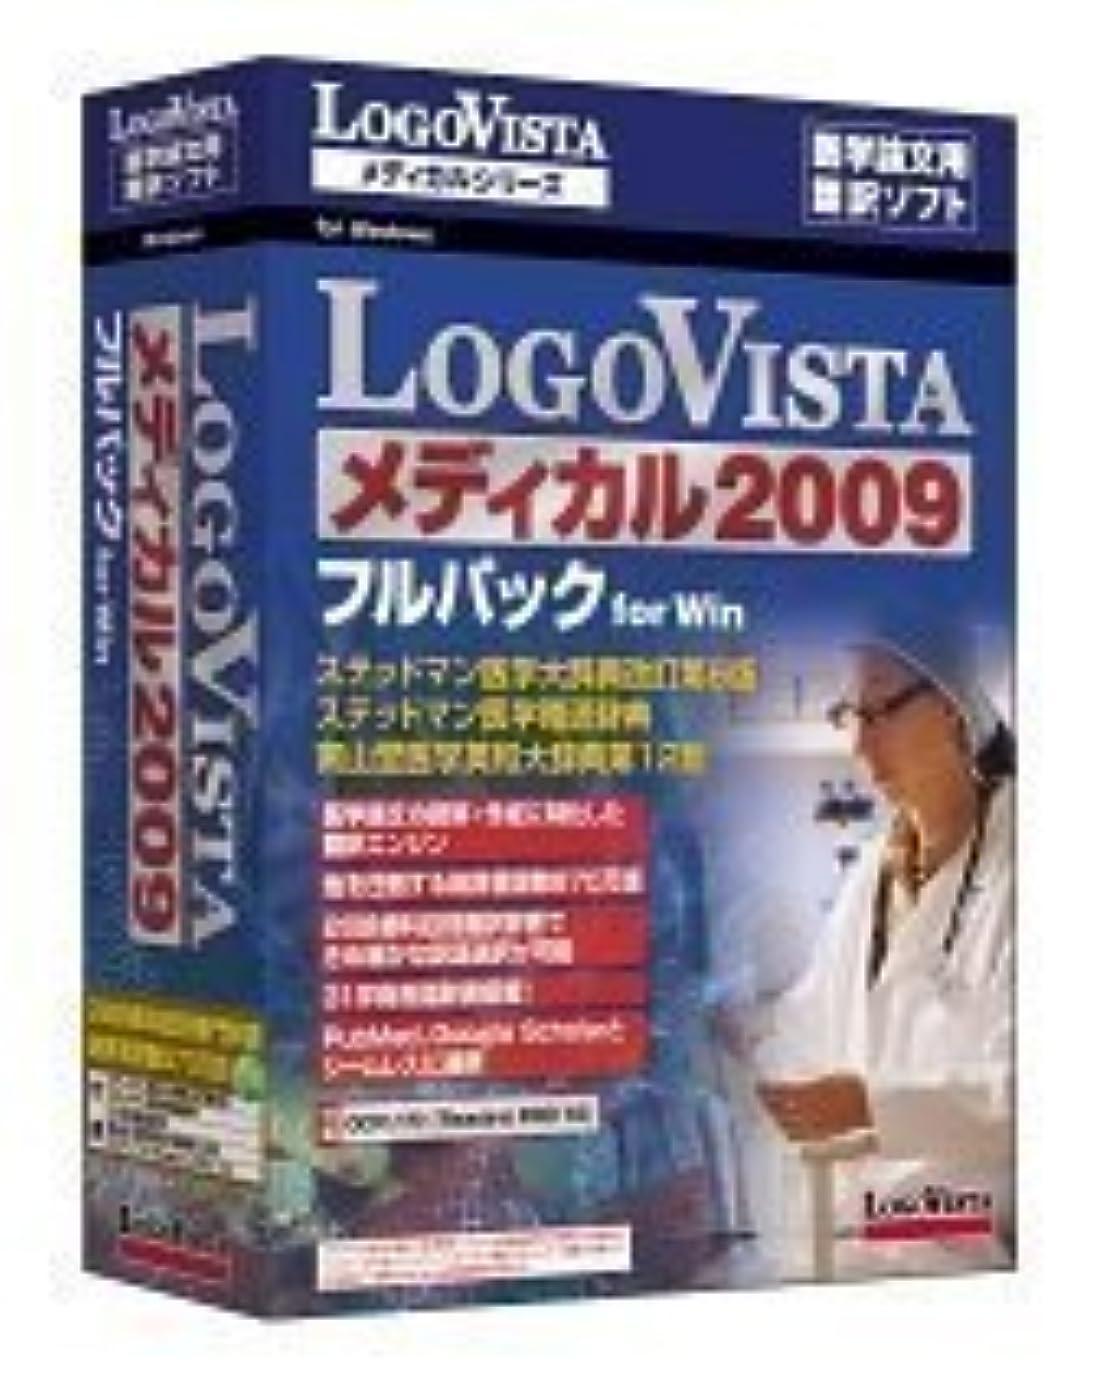 ホップミシン目のヒープLogoVista メディカル 2009 フルパック for Win